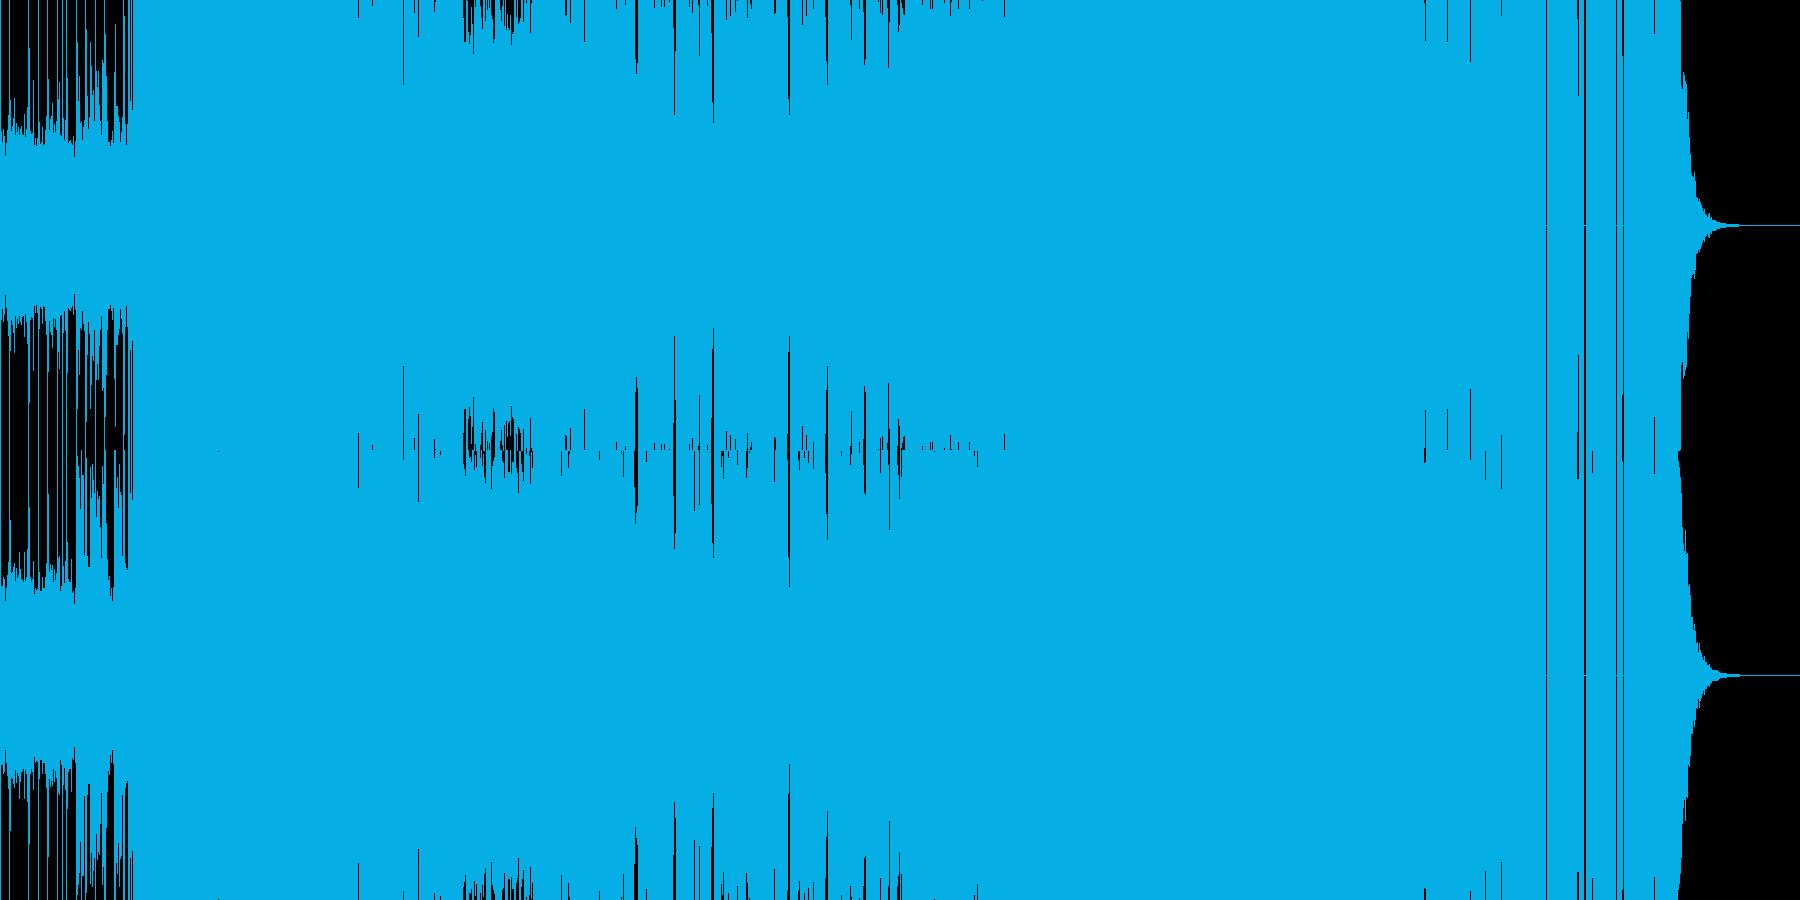 【メタルロック】バトルシーンや緊迫シーンの再生済みの波形